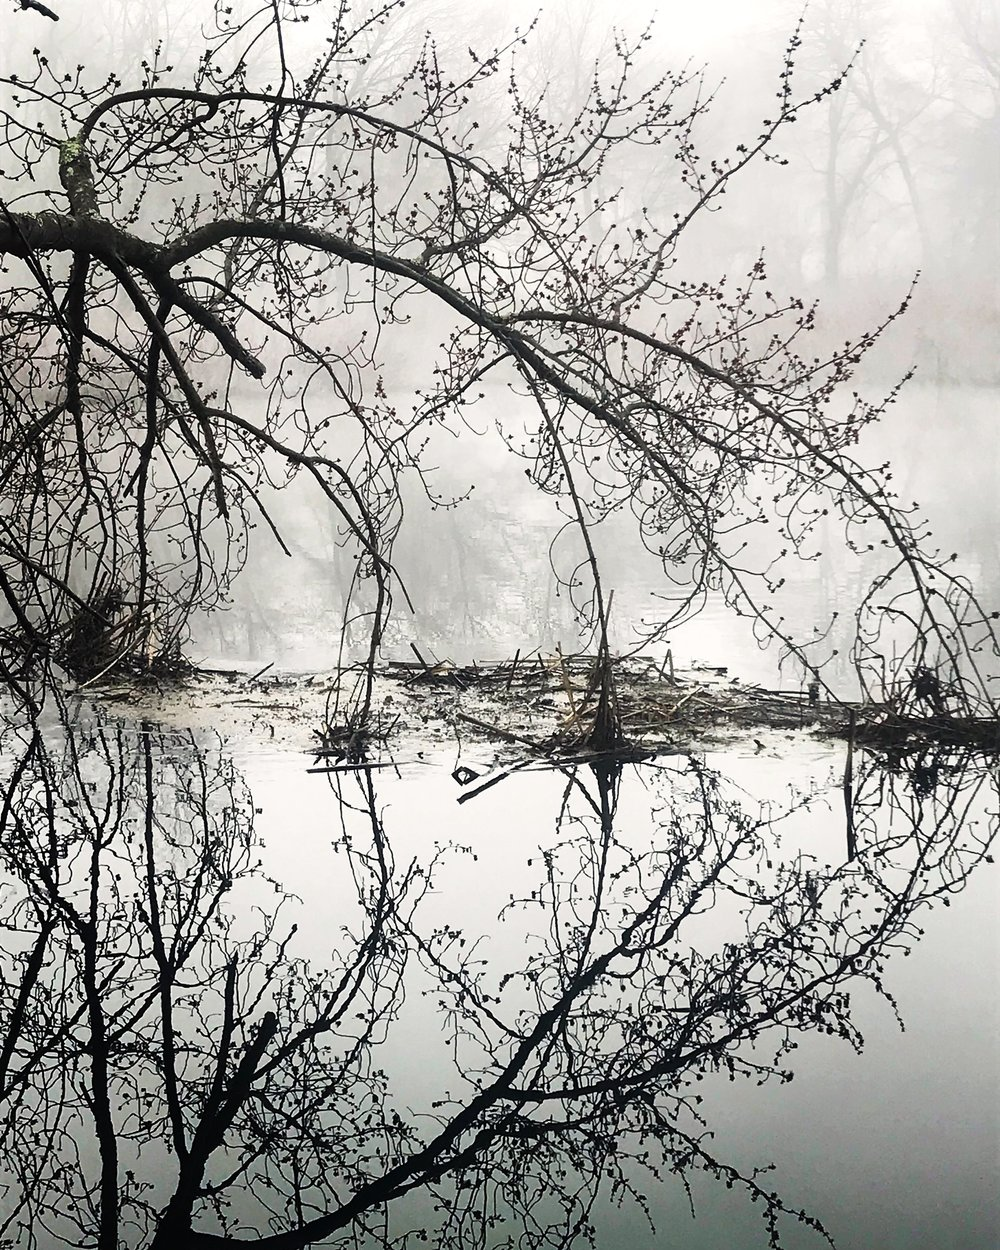 Black River Fog on Charles April 2018.JPG